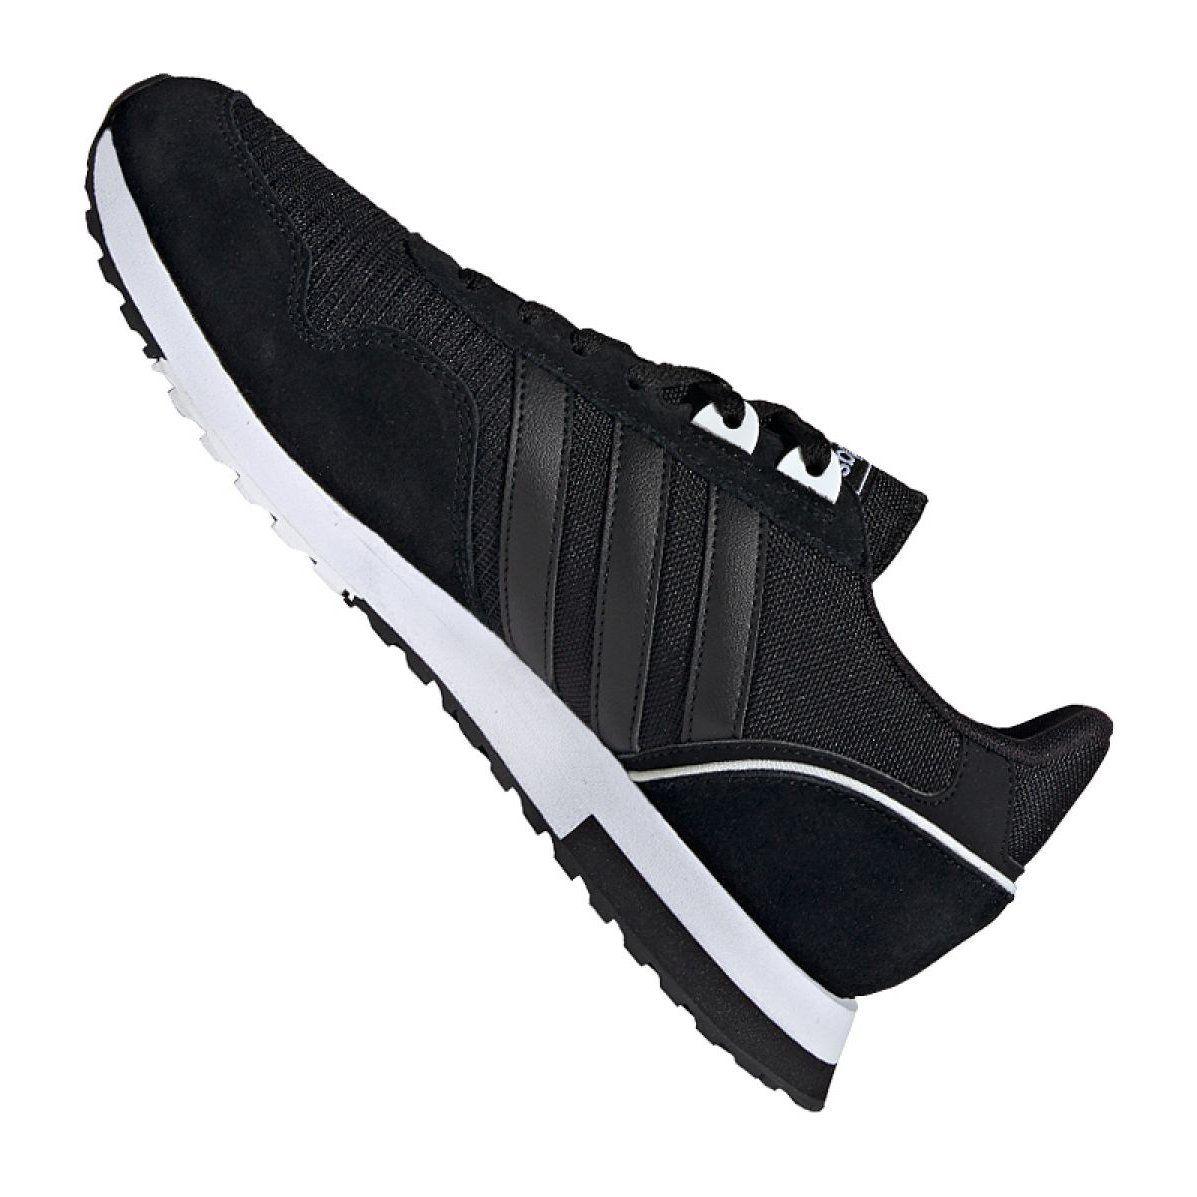 Buty Adidas 8k 2020 M Eh1434 Czarne Adidas Sneakers Sneakers Nike Shoes